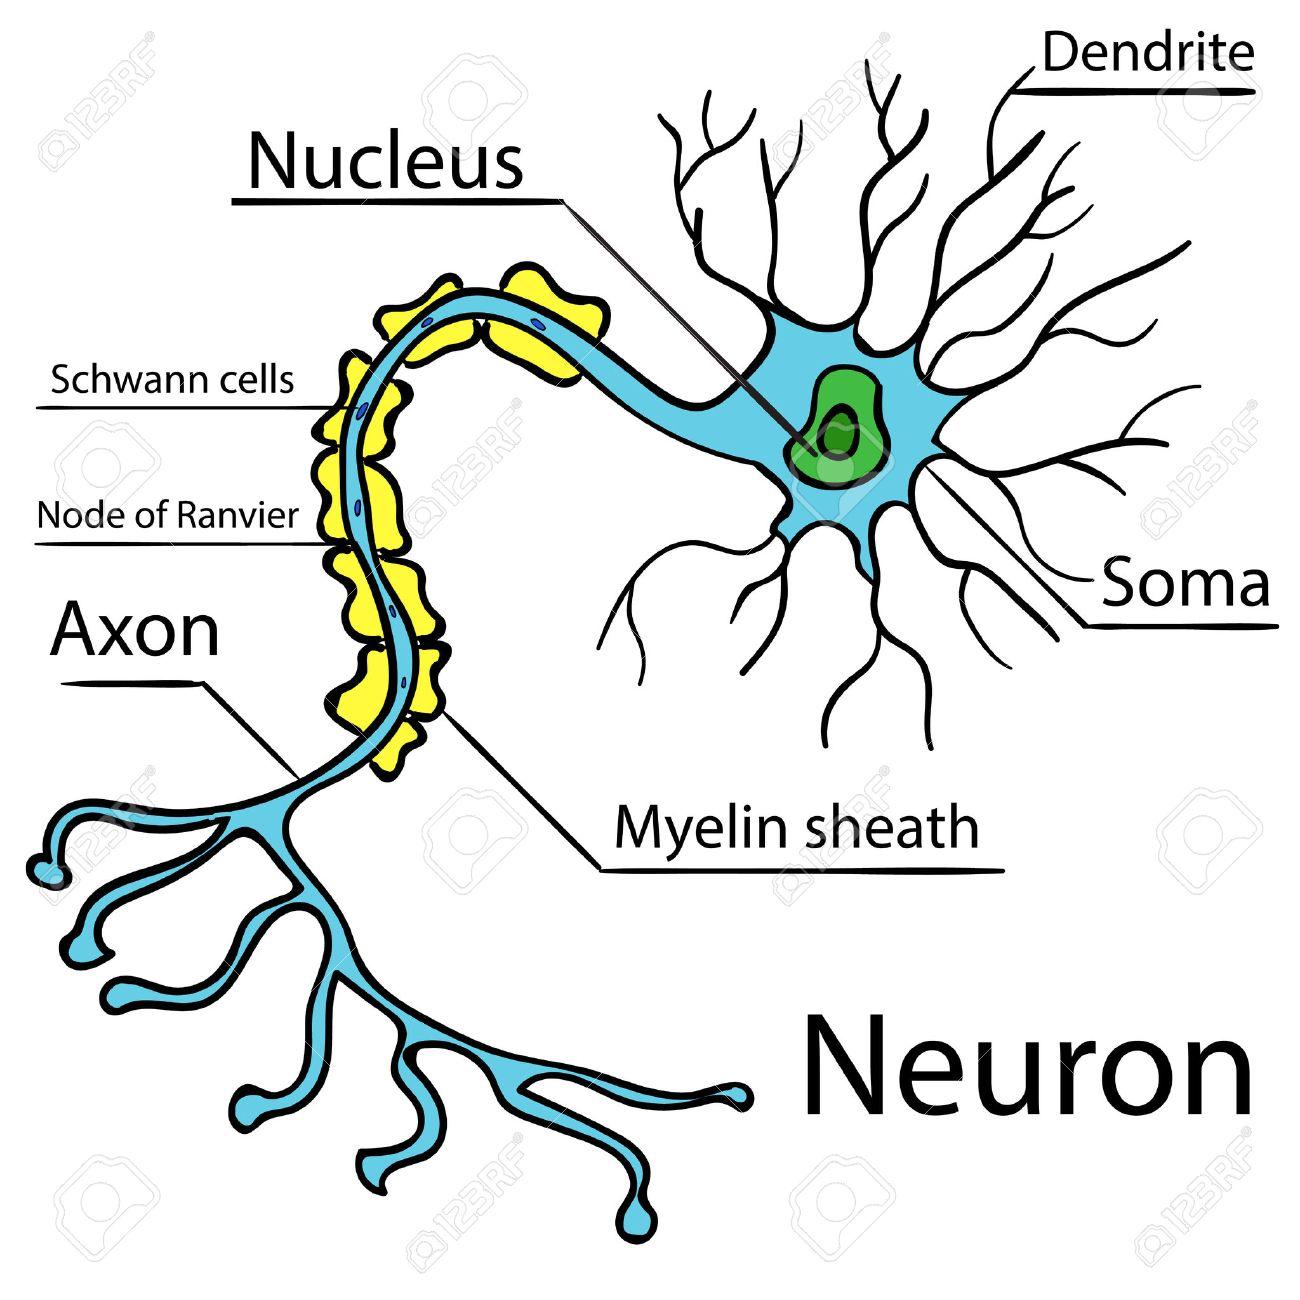 Anatomía De Una Neurona Típica Humana (axón, Sinapsis, Las Dendritas ...